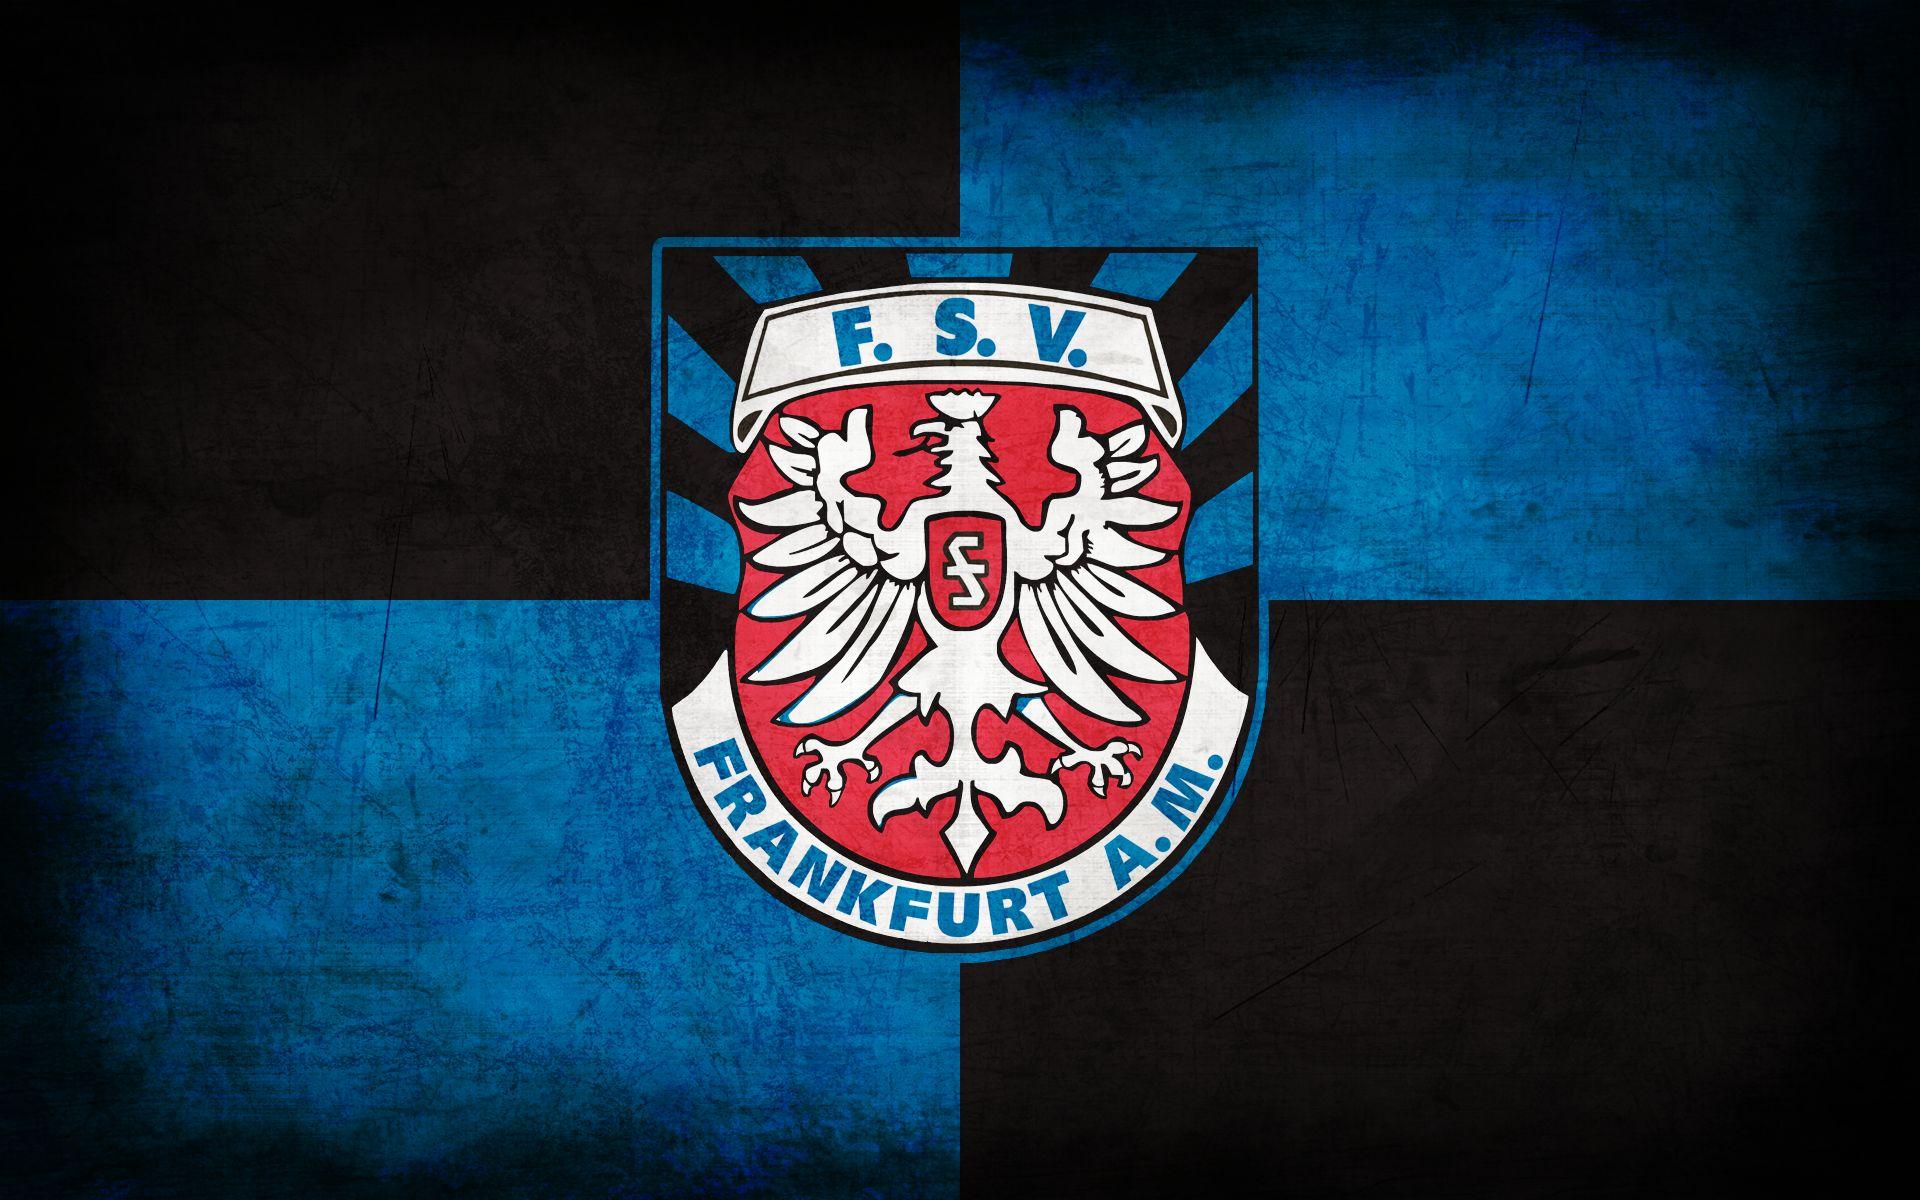 Fsv Frankfurt Lizenz